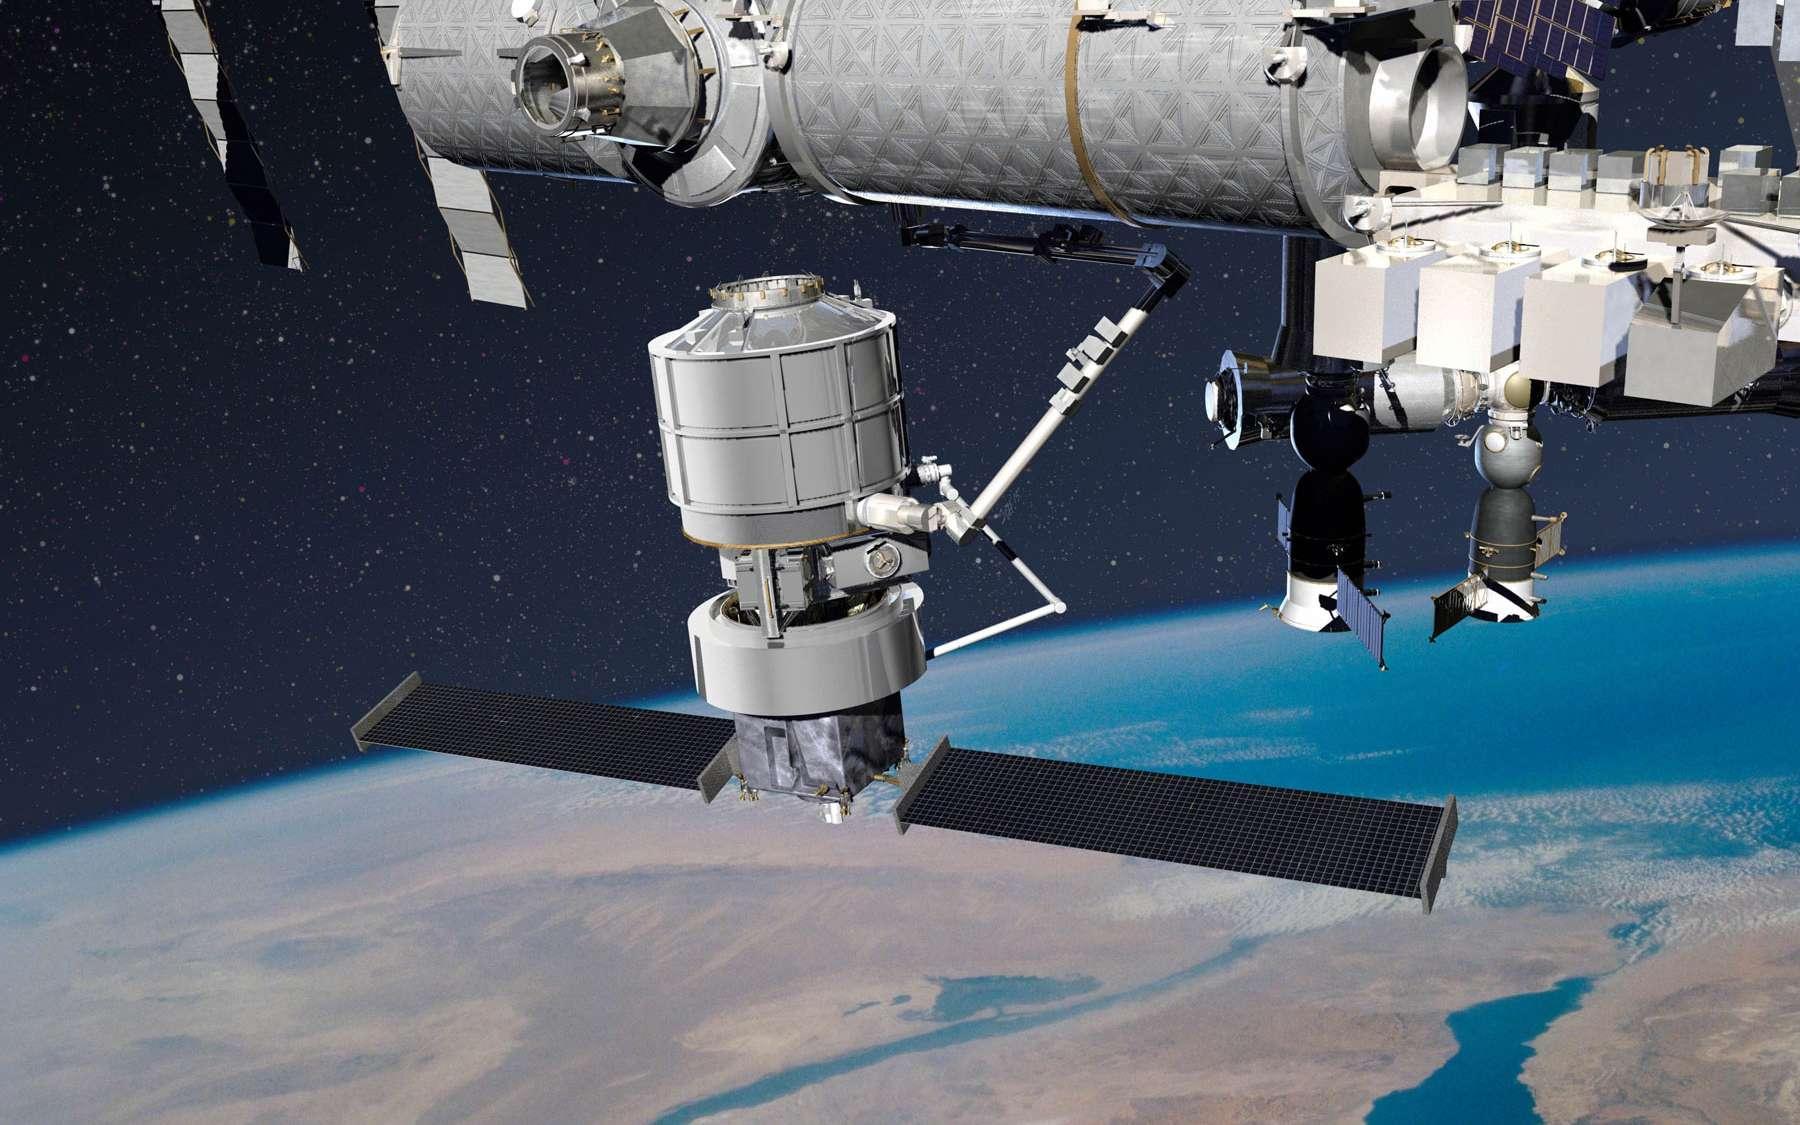 L'Exoliner amené à l'ISS par le Jupiter et amarré au complexe orbital par le bras de l'ISS. © Lockheed Martin